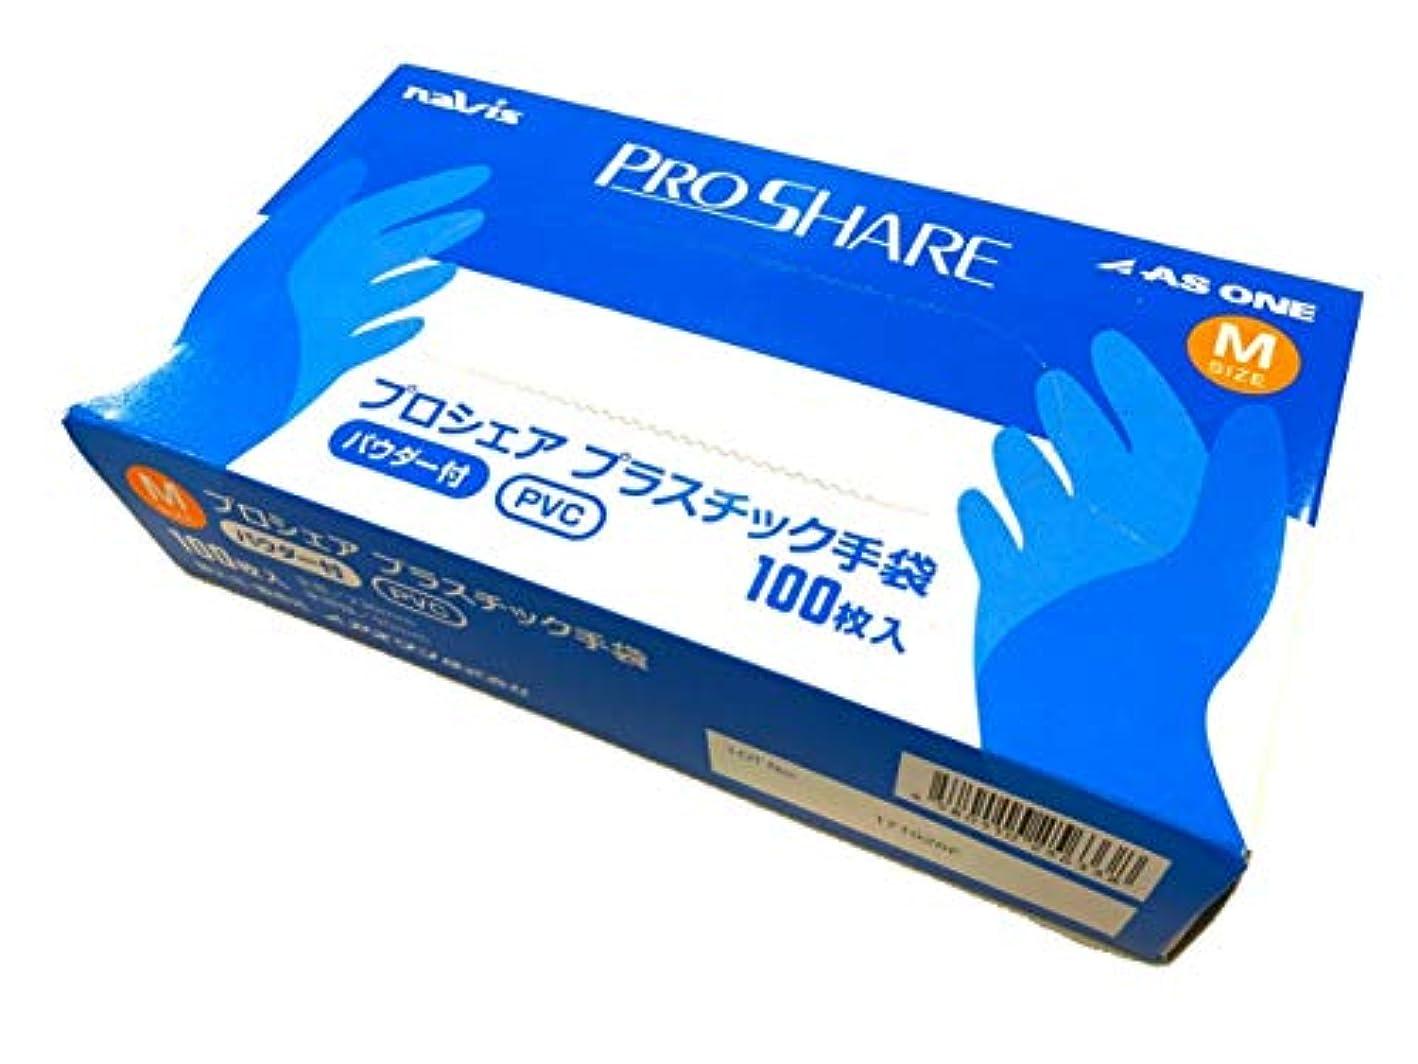 聖域イノセンス何十人もナビス プロシェア 使い捨て プラスチック手袋 パウダー付 M 1箱(100枚入) / 8-9570-02